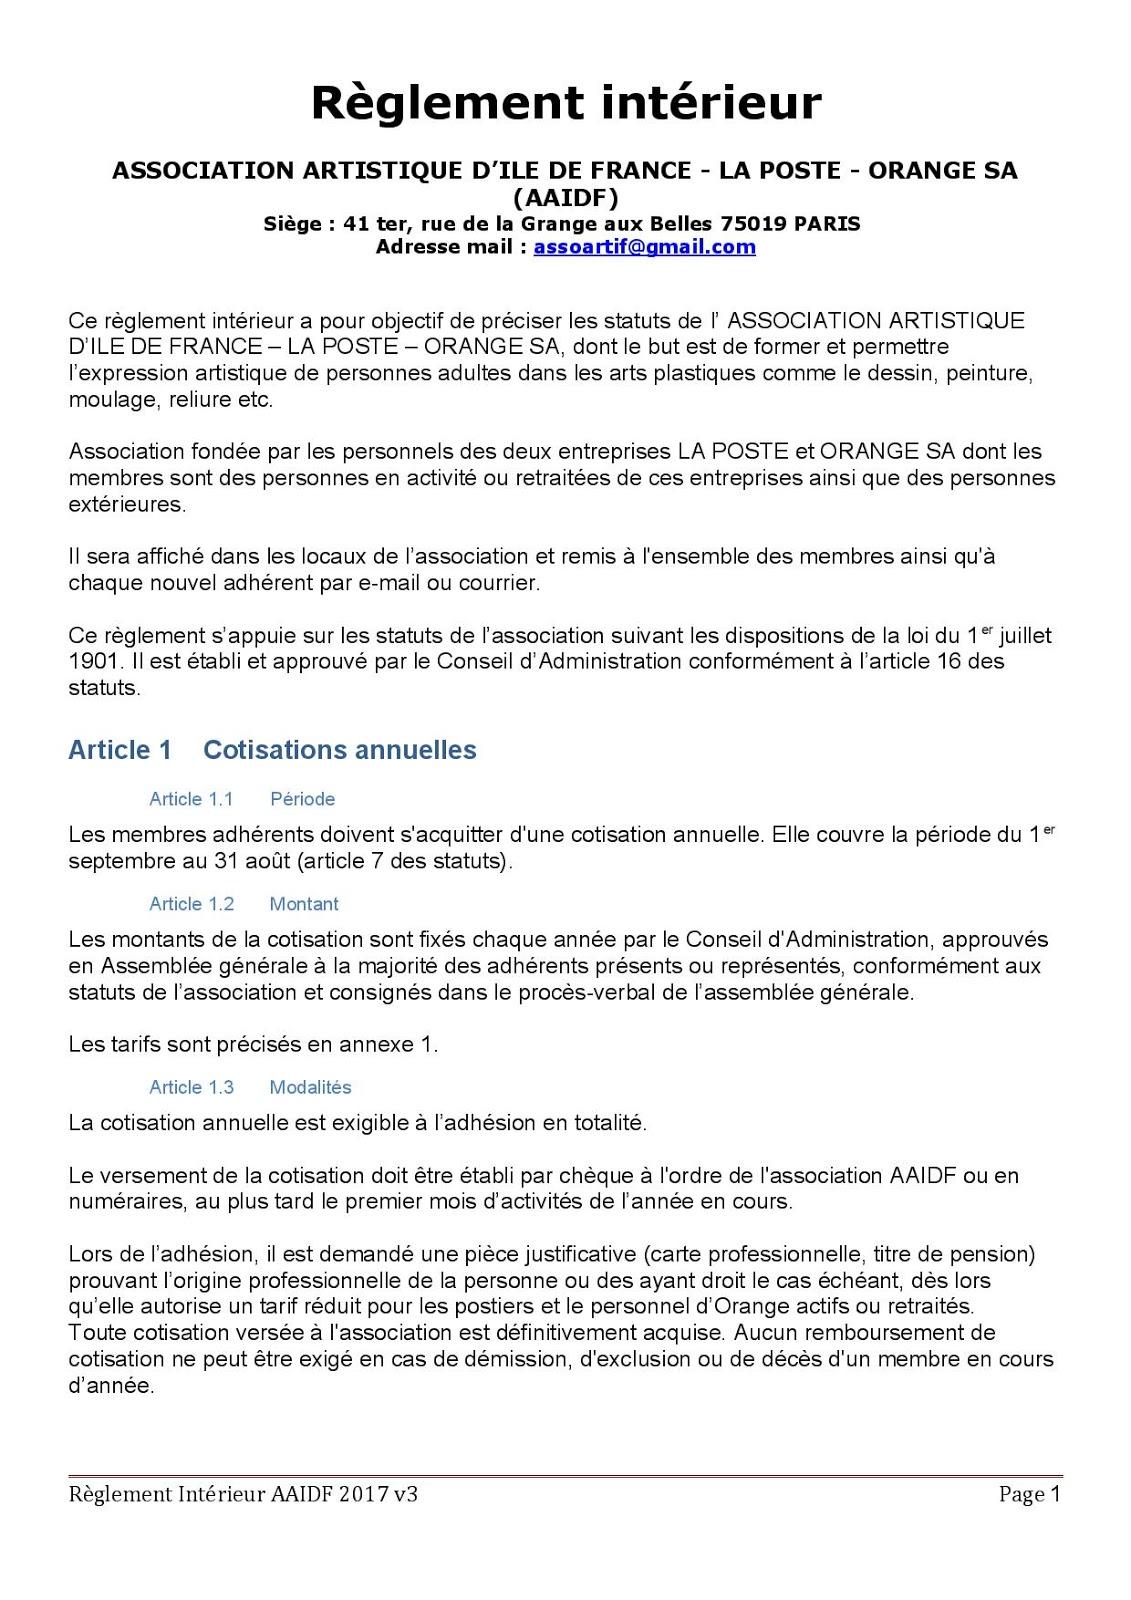 Association Artistique d'Ile de France: Le réglement intérieur